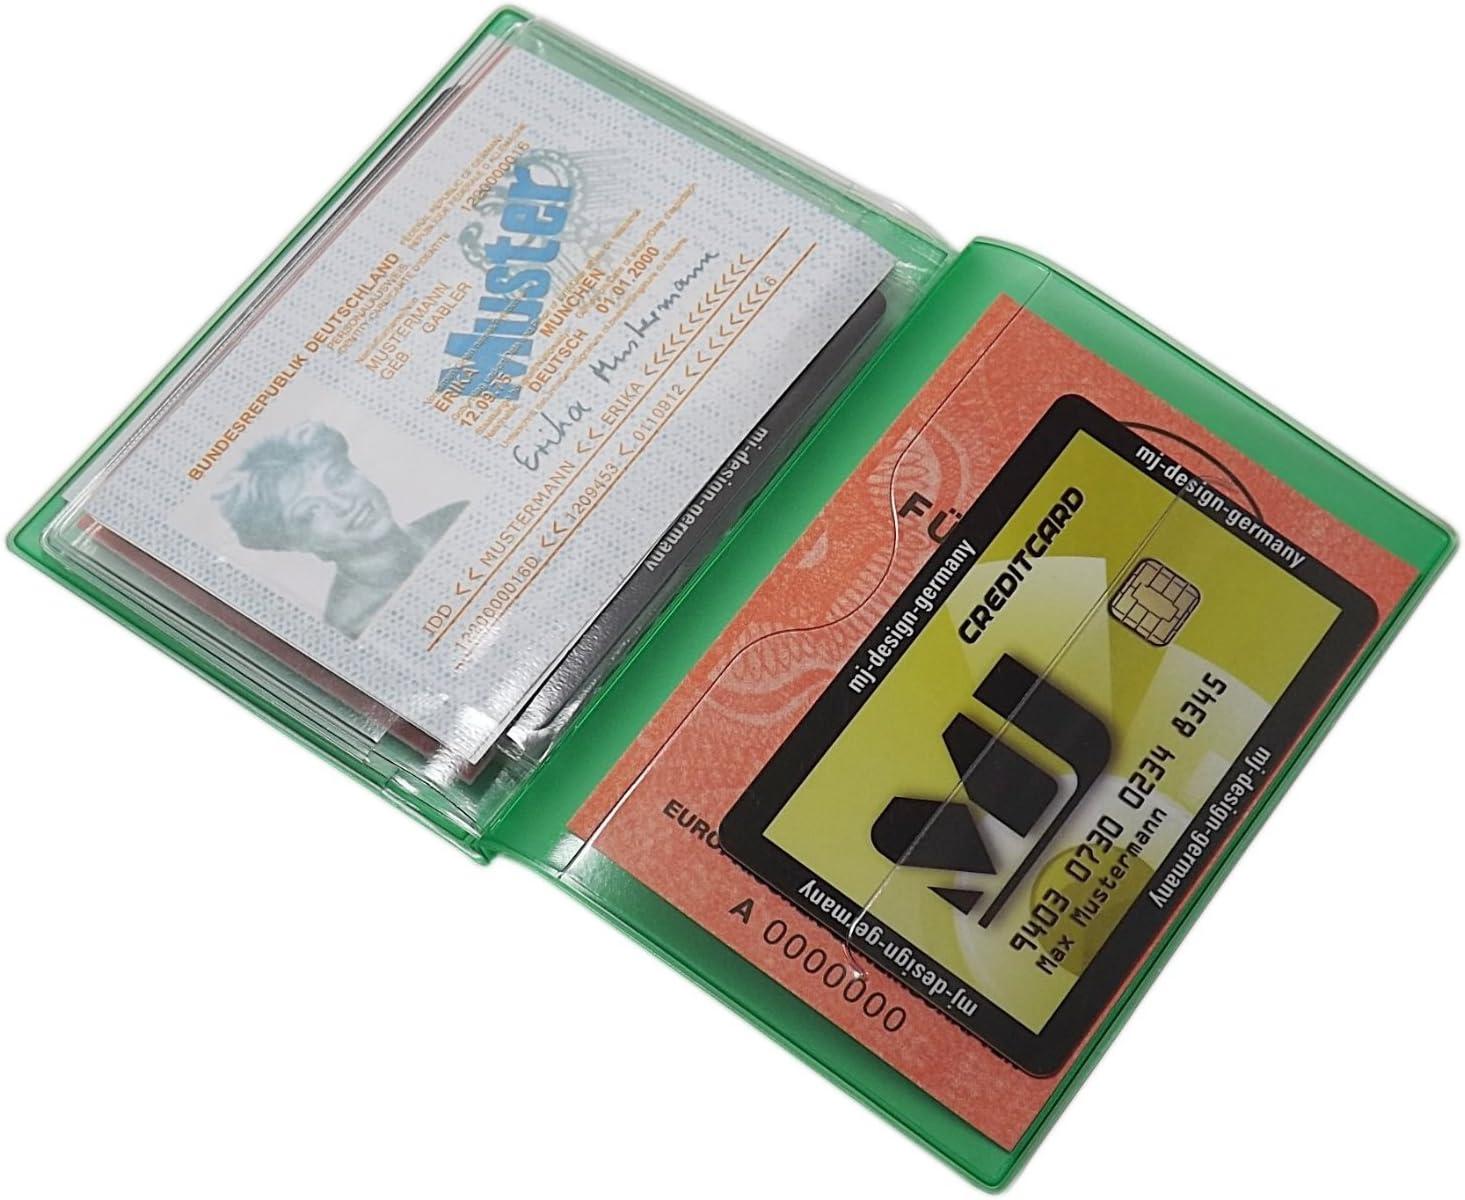 Bleu Pochette de Carte didentit/é et Porte Carte de cr/édit 10 Compartiments MJ-Design-Germany Made in UE en diverses Couleurs et Designs